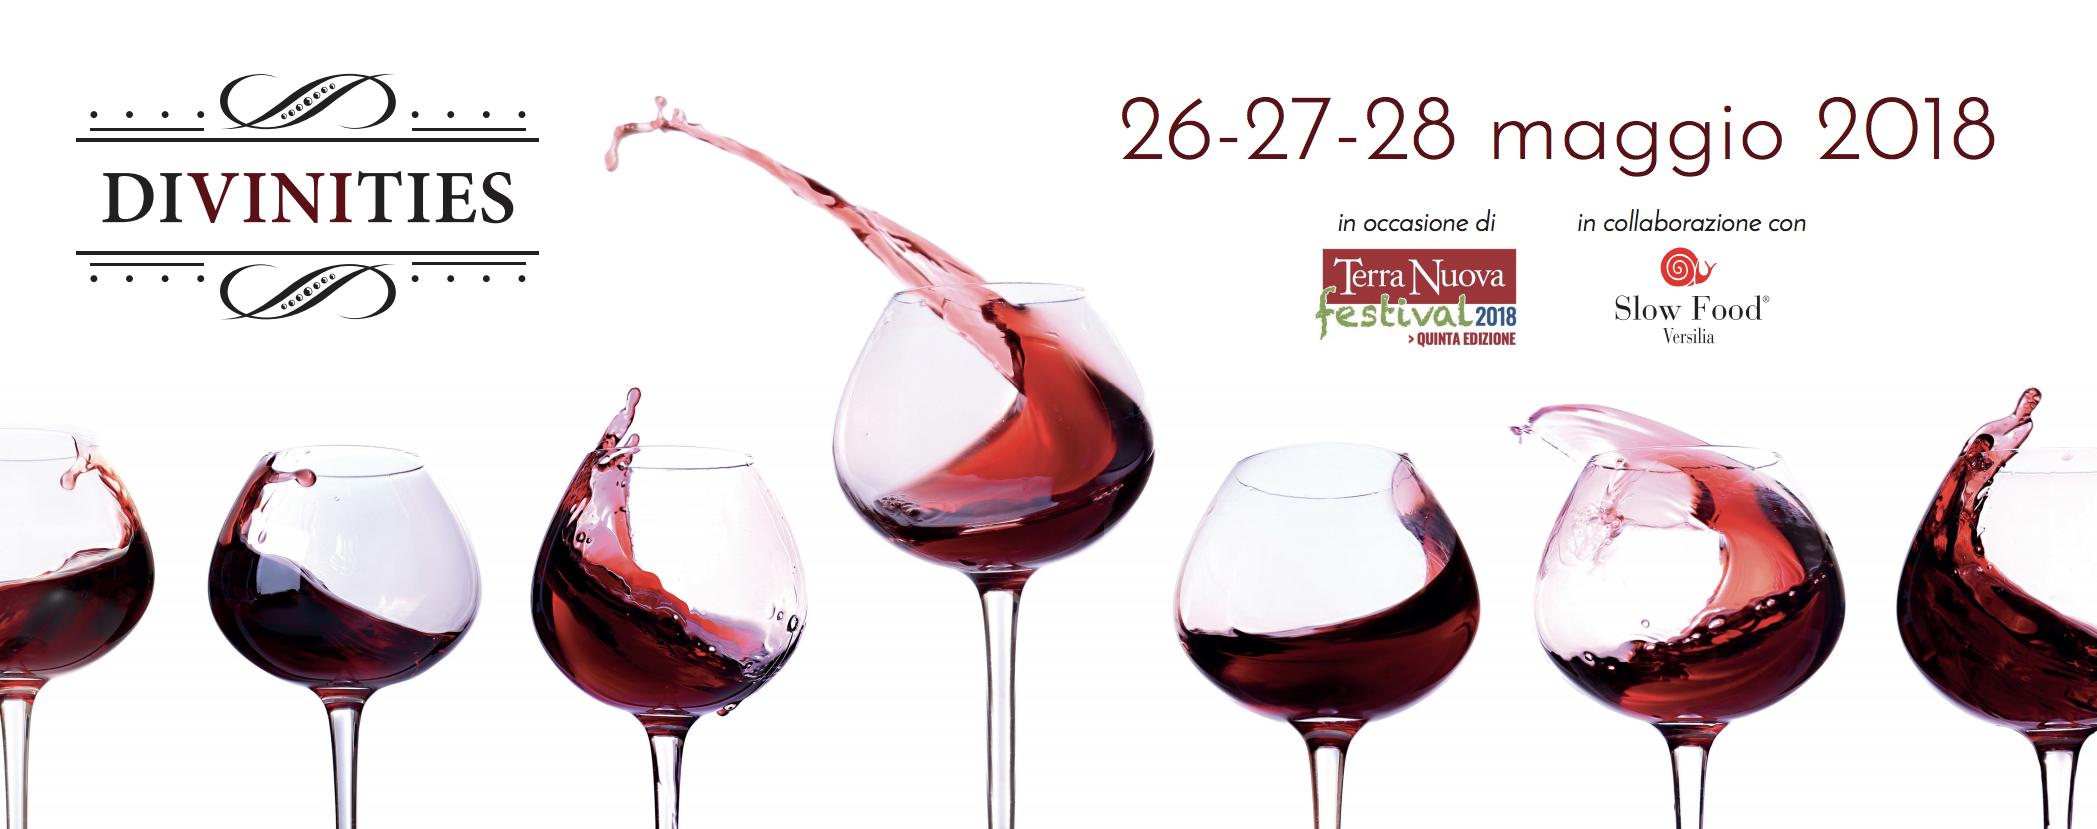 La nostra selezione di vini al Terra Nuova Festival 2018 cover